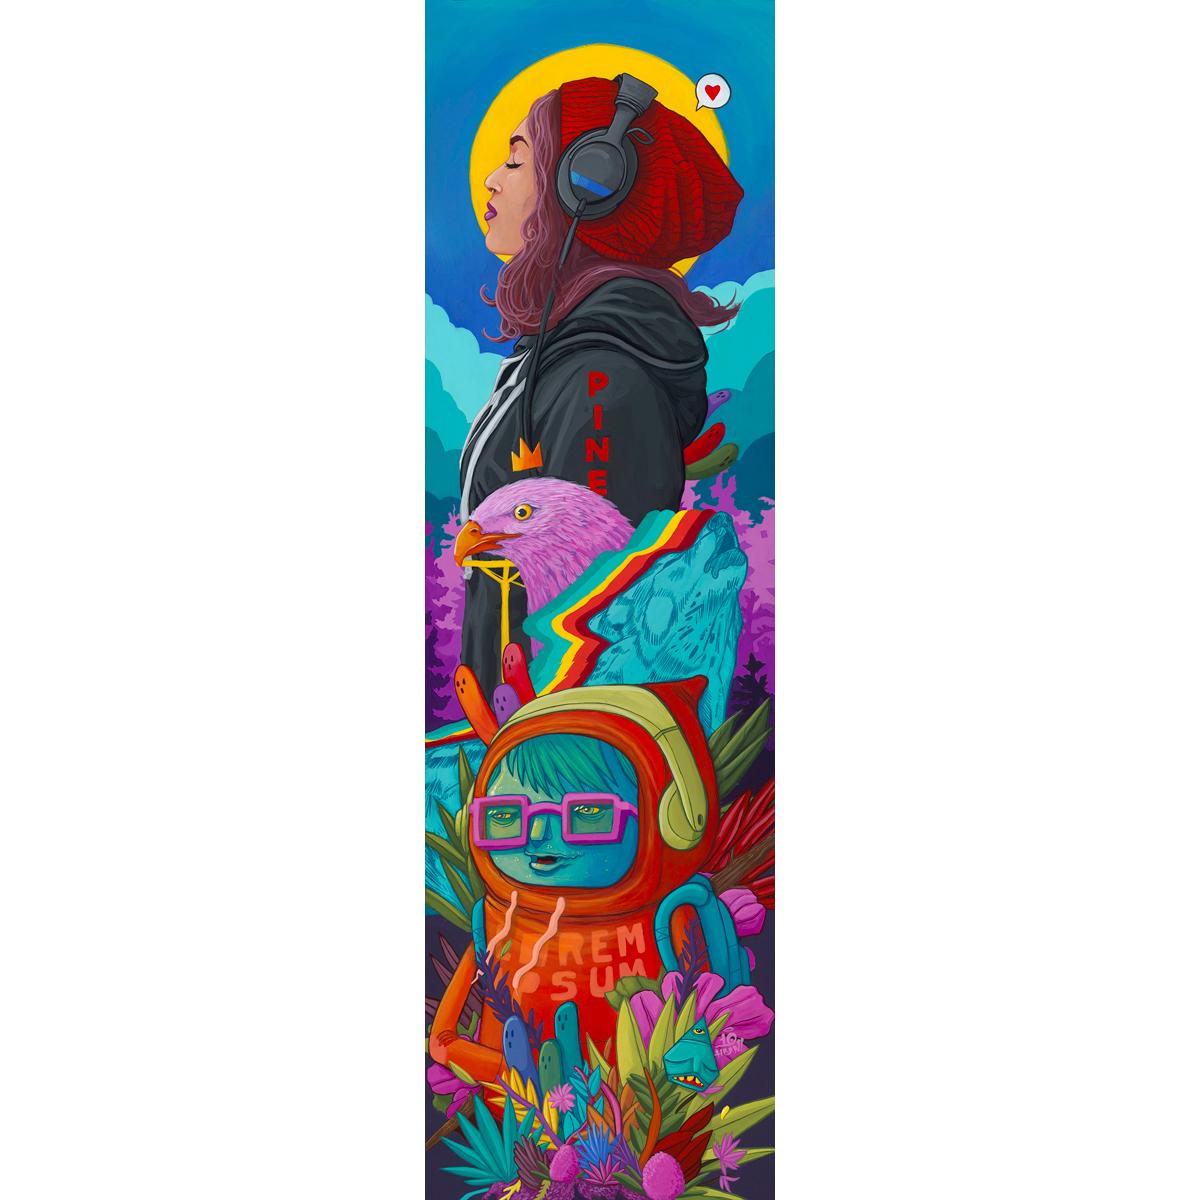 SquareTen-Hundred-mural-piece---complete-web.jpg